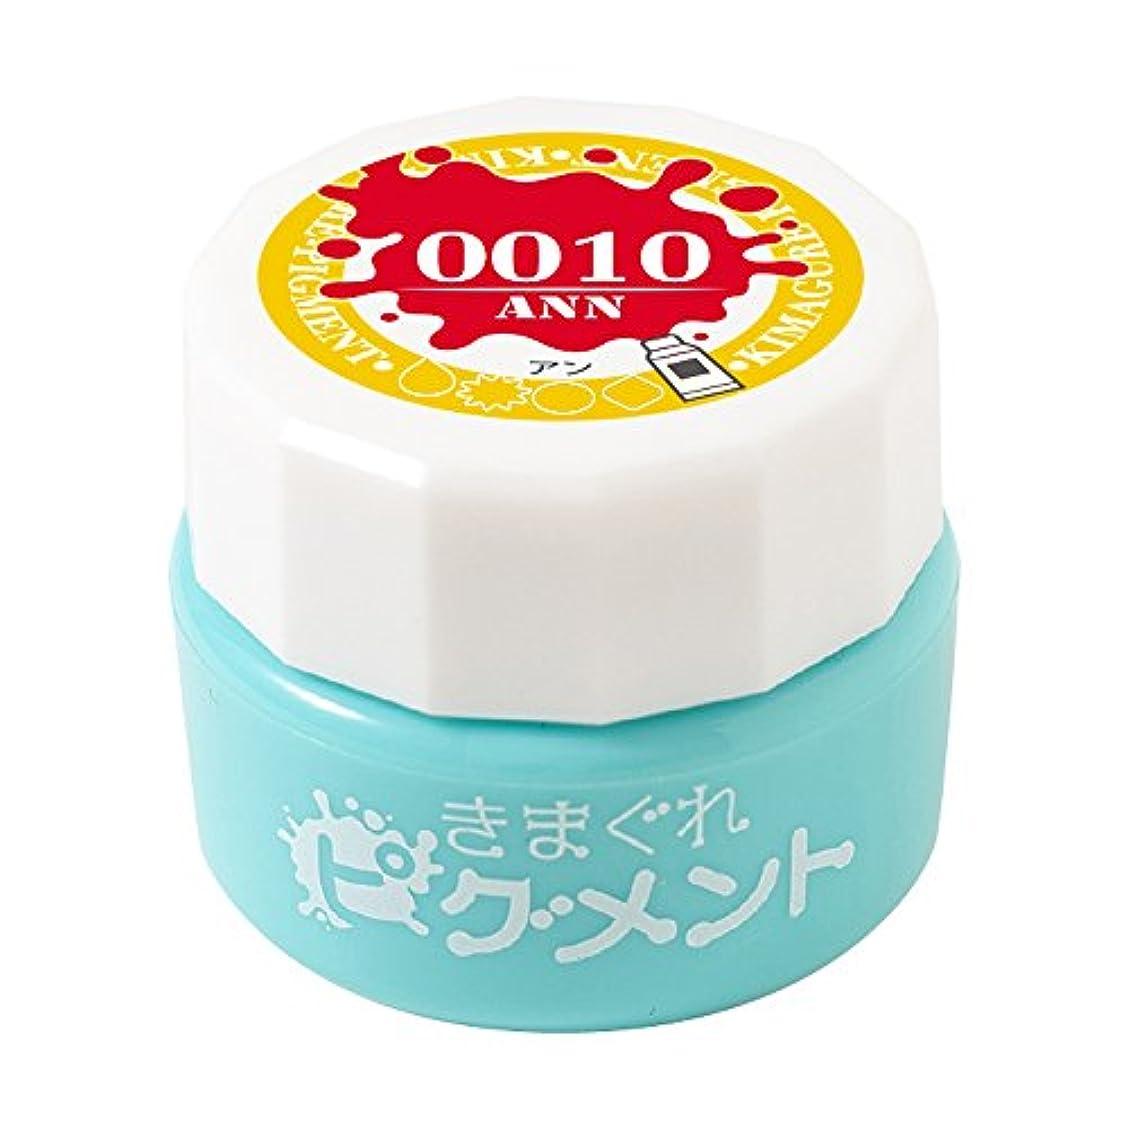 マイルドコンテンポラリー鋸歯状Bettygel きまぐれピグメント アン QYJ-0010 4g UV/LED対応